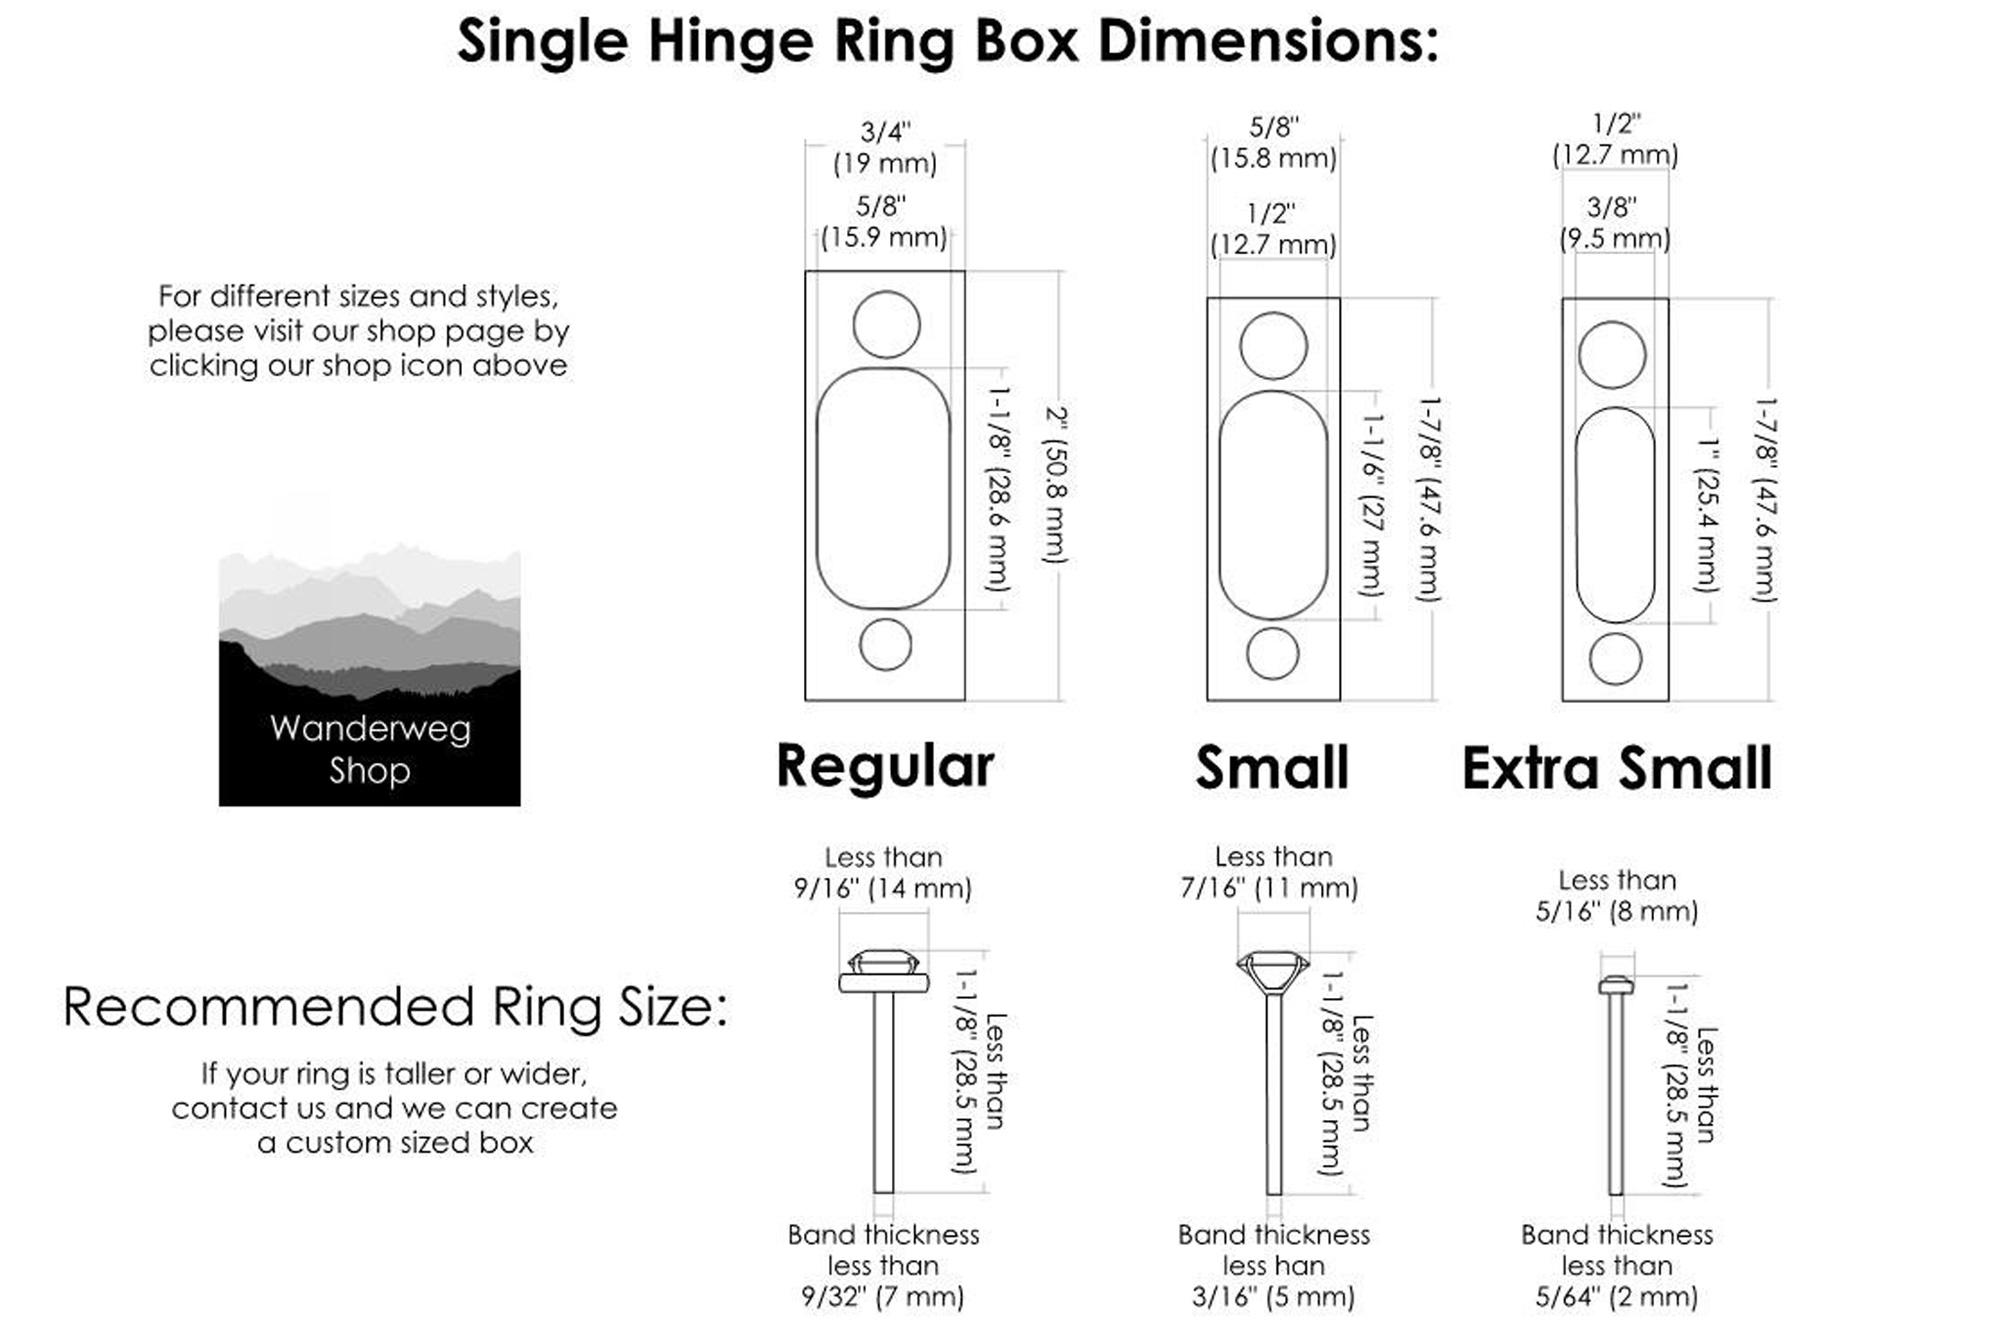 แม่เหล็ก สำหรับงานกล่องไม้ การนำแม่เหล็ก ไปใช้งาน Slim Engagement Ring Box - Single-Hinge